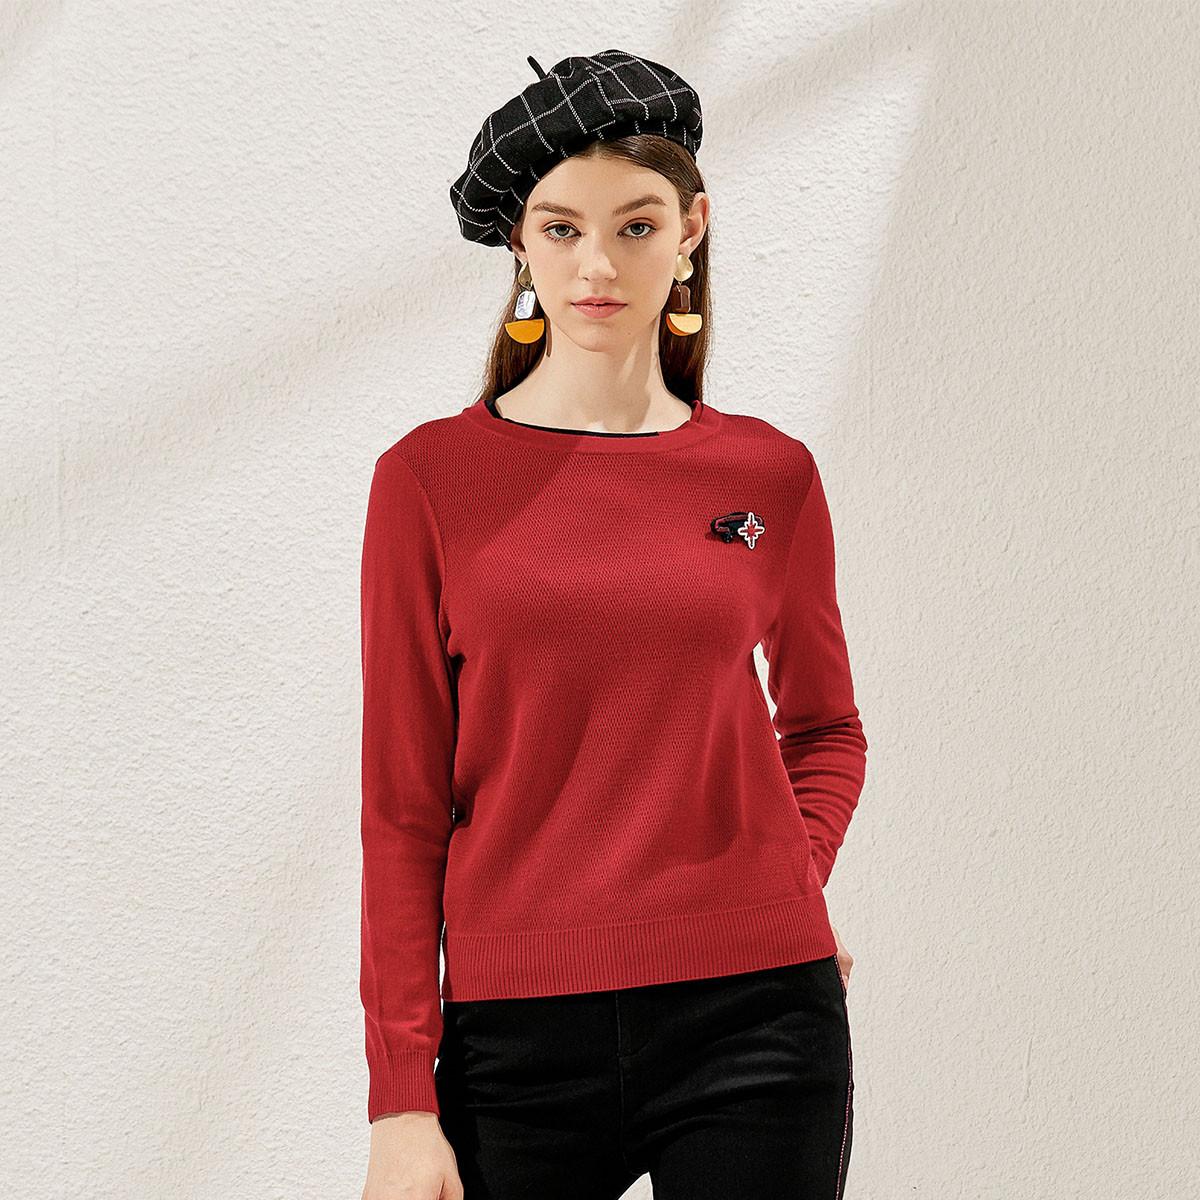 珂莱蒂尔2019秋冬装新款纯色圆领长袖百搭弹力时尚女人味女式针织衫T恤K1AGH207709